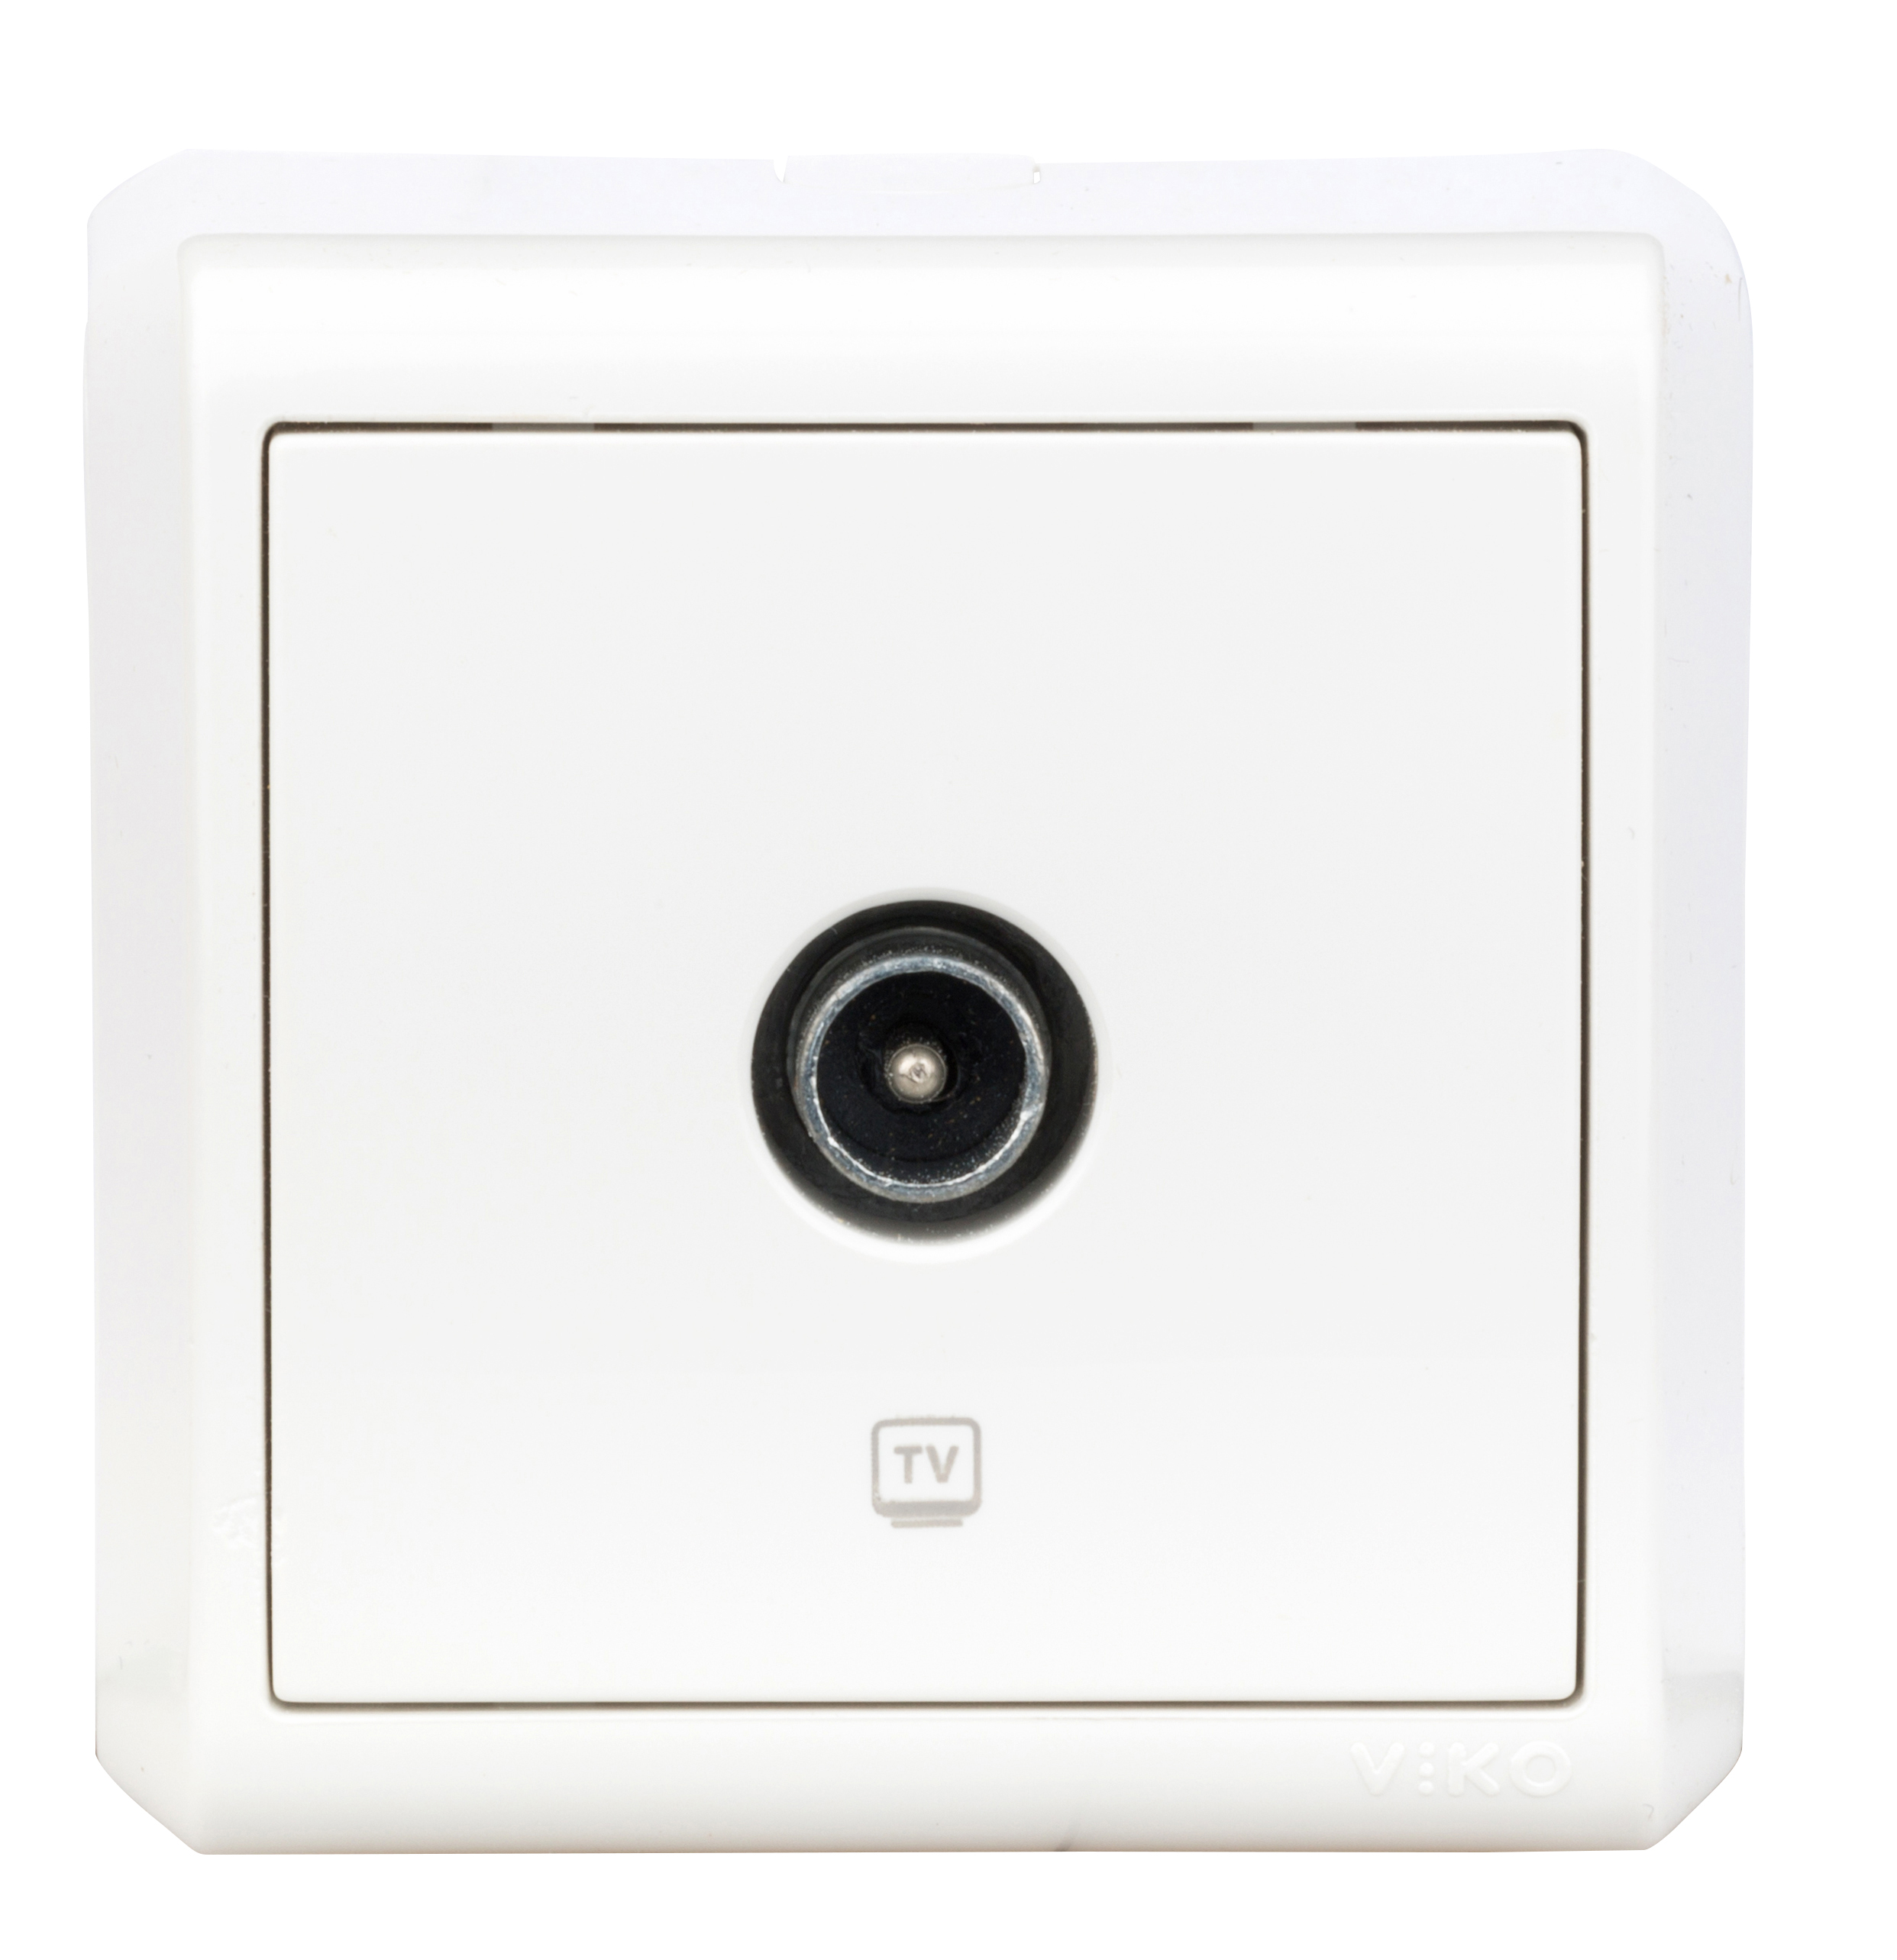 1 Stk AP-TV-Durchgangsdose 8db, Schraubklemme, IP20, weiß EV314005--